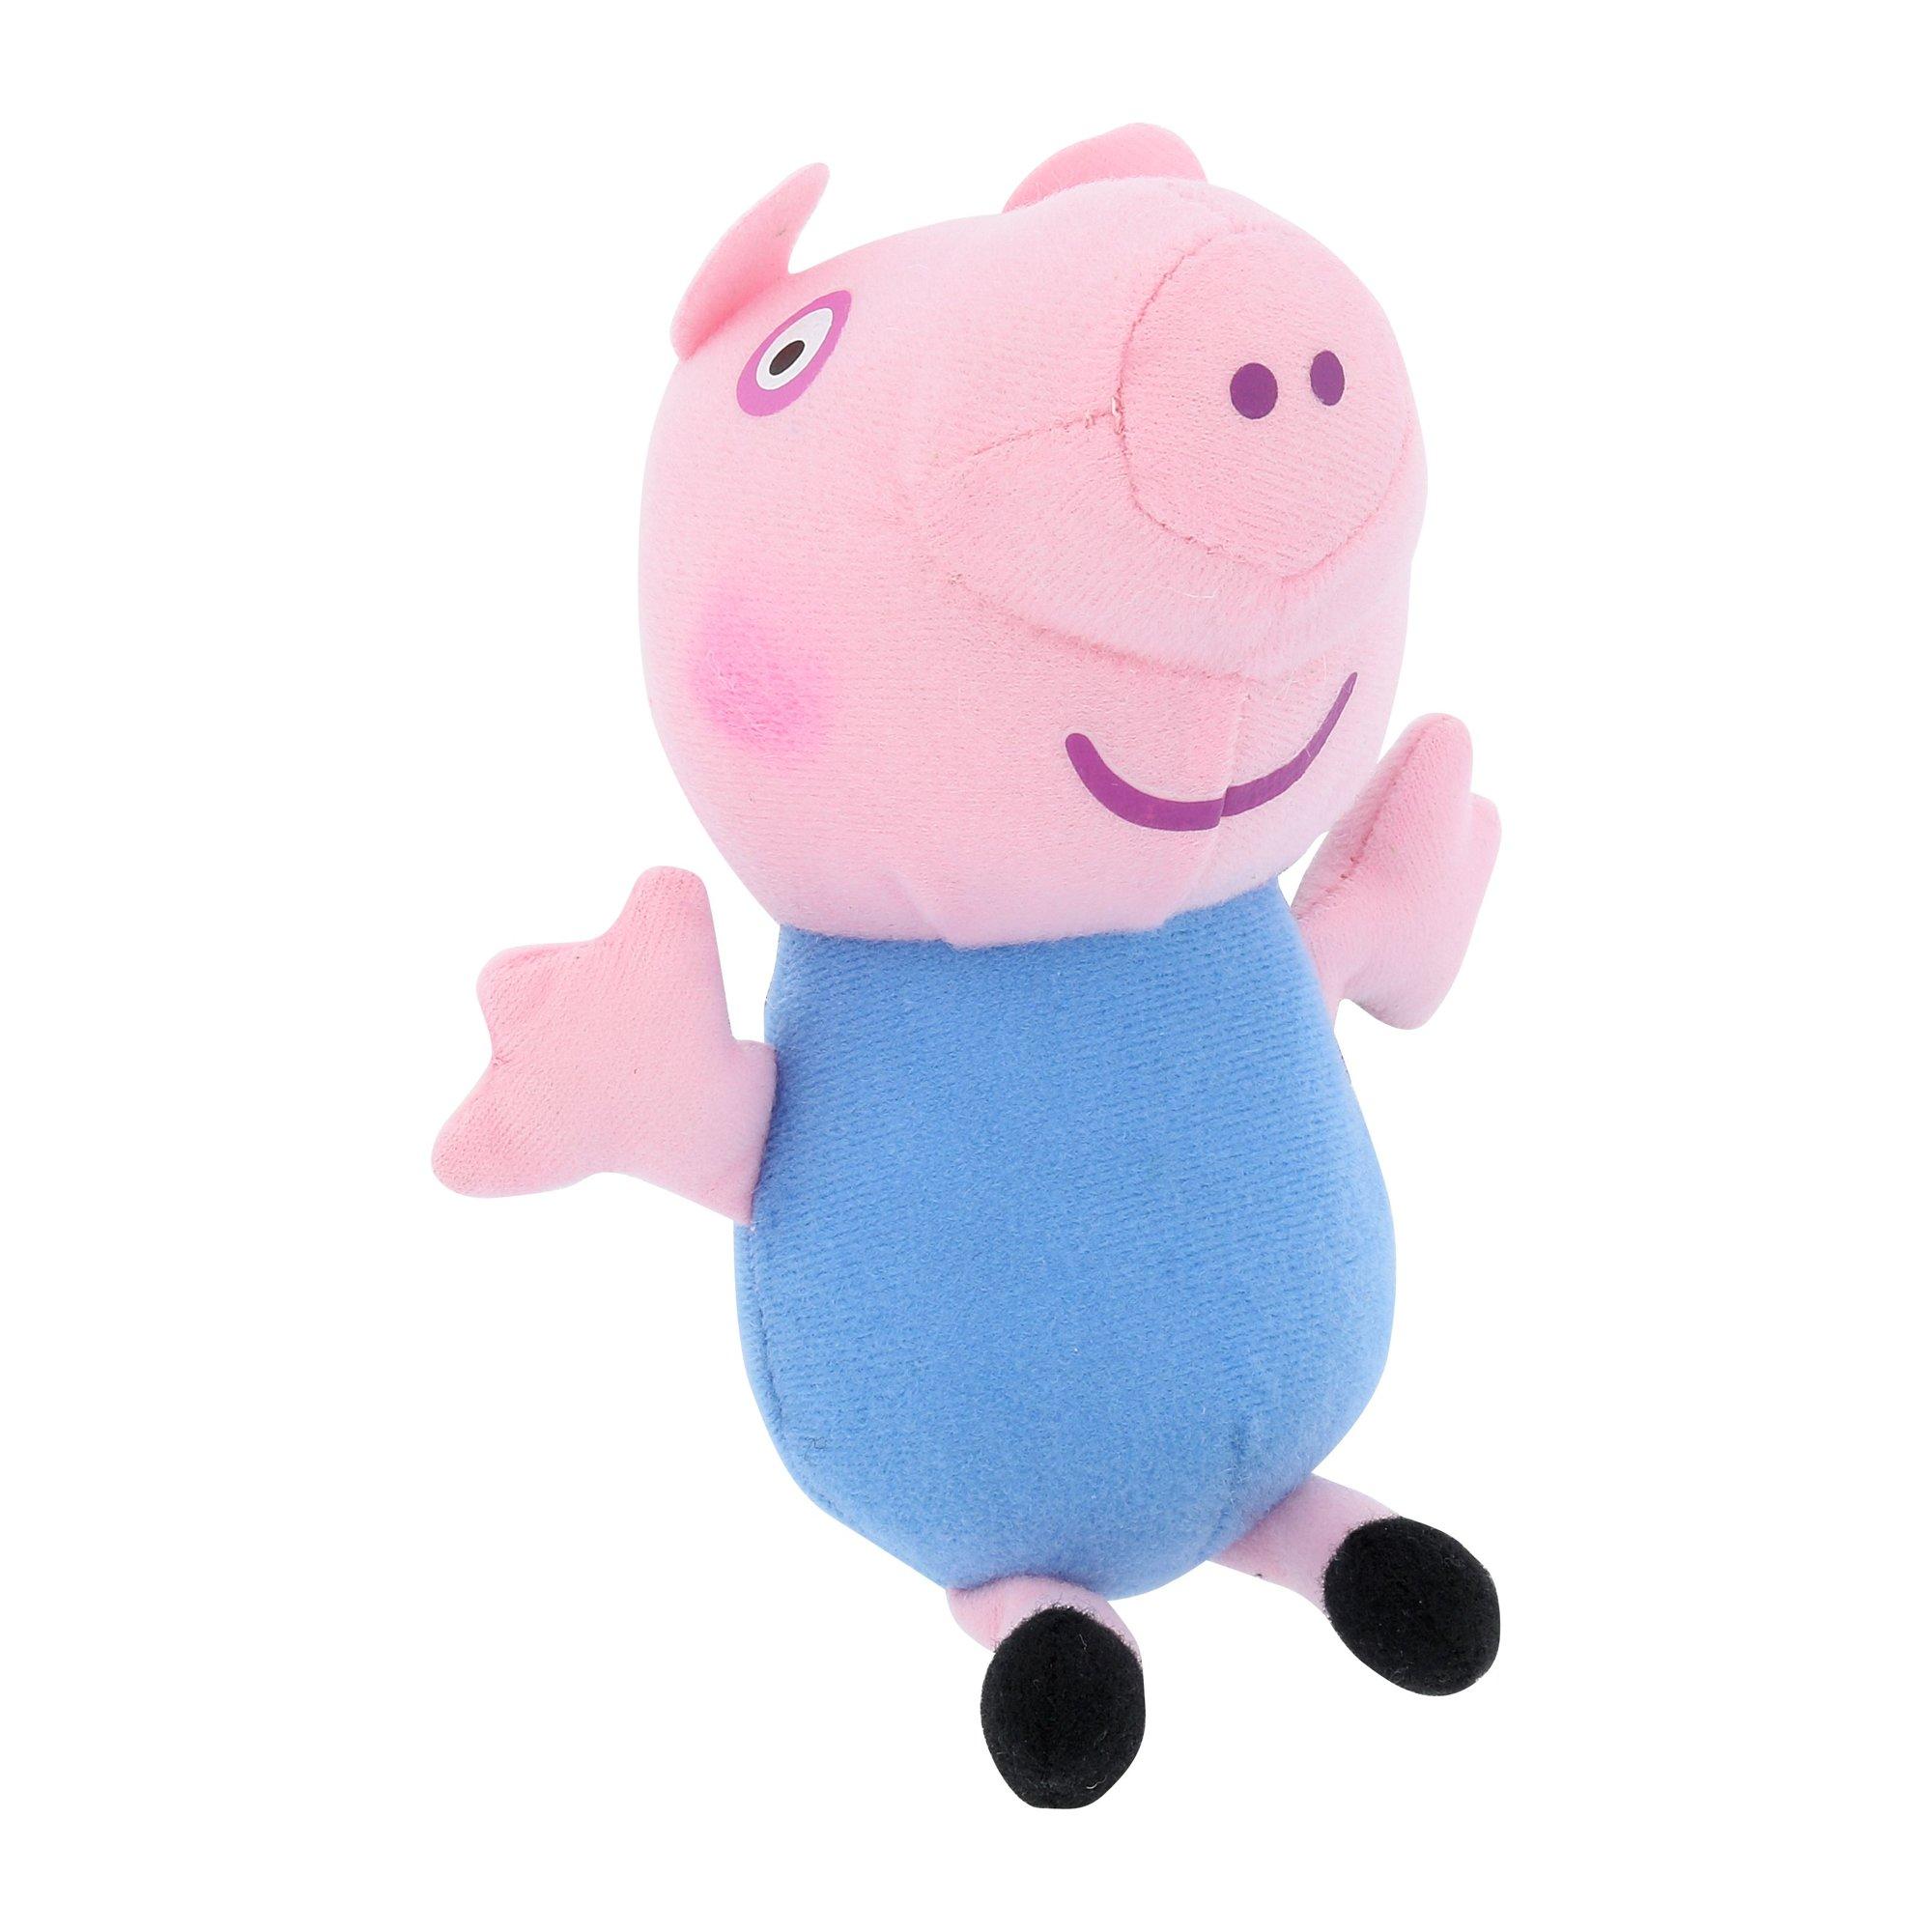 Peppa Pig Peppa Cosmetic 1ml  3D Bath Sponge Tom